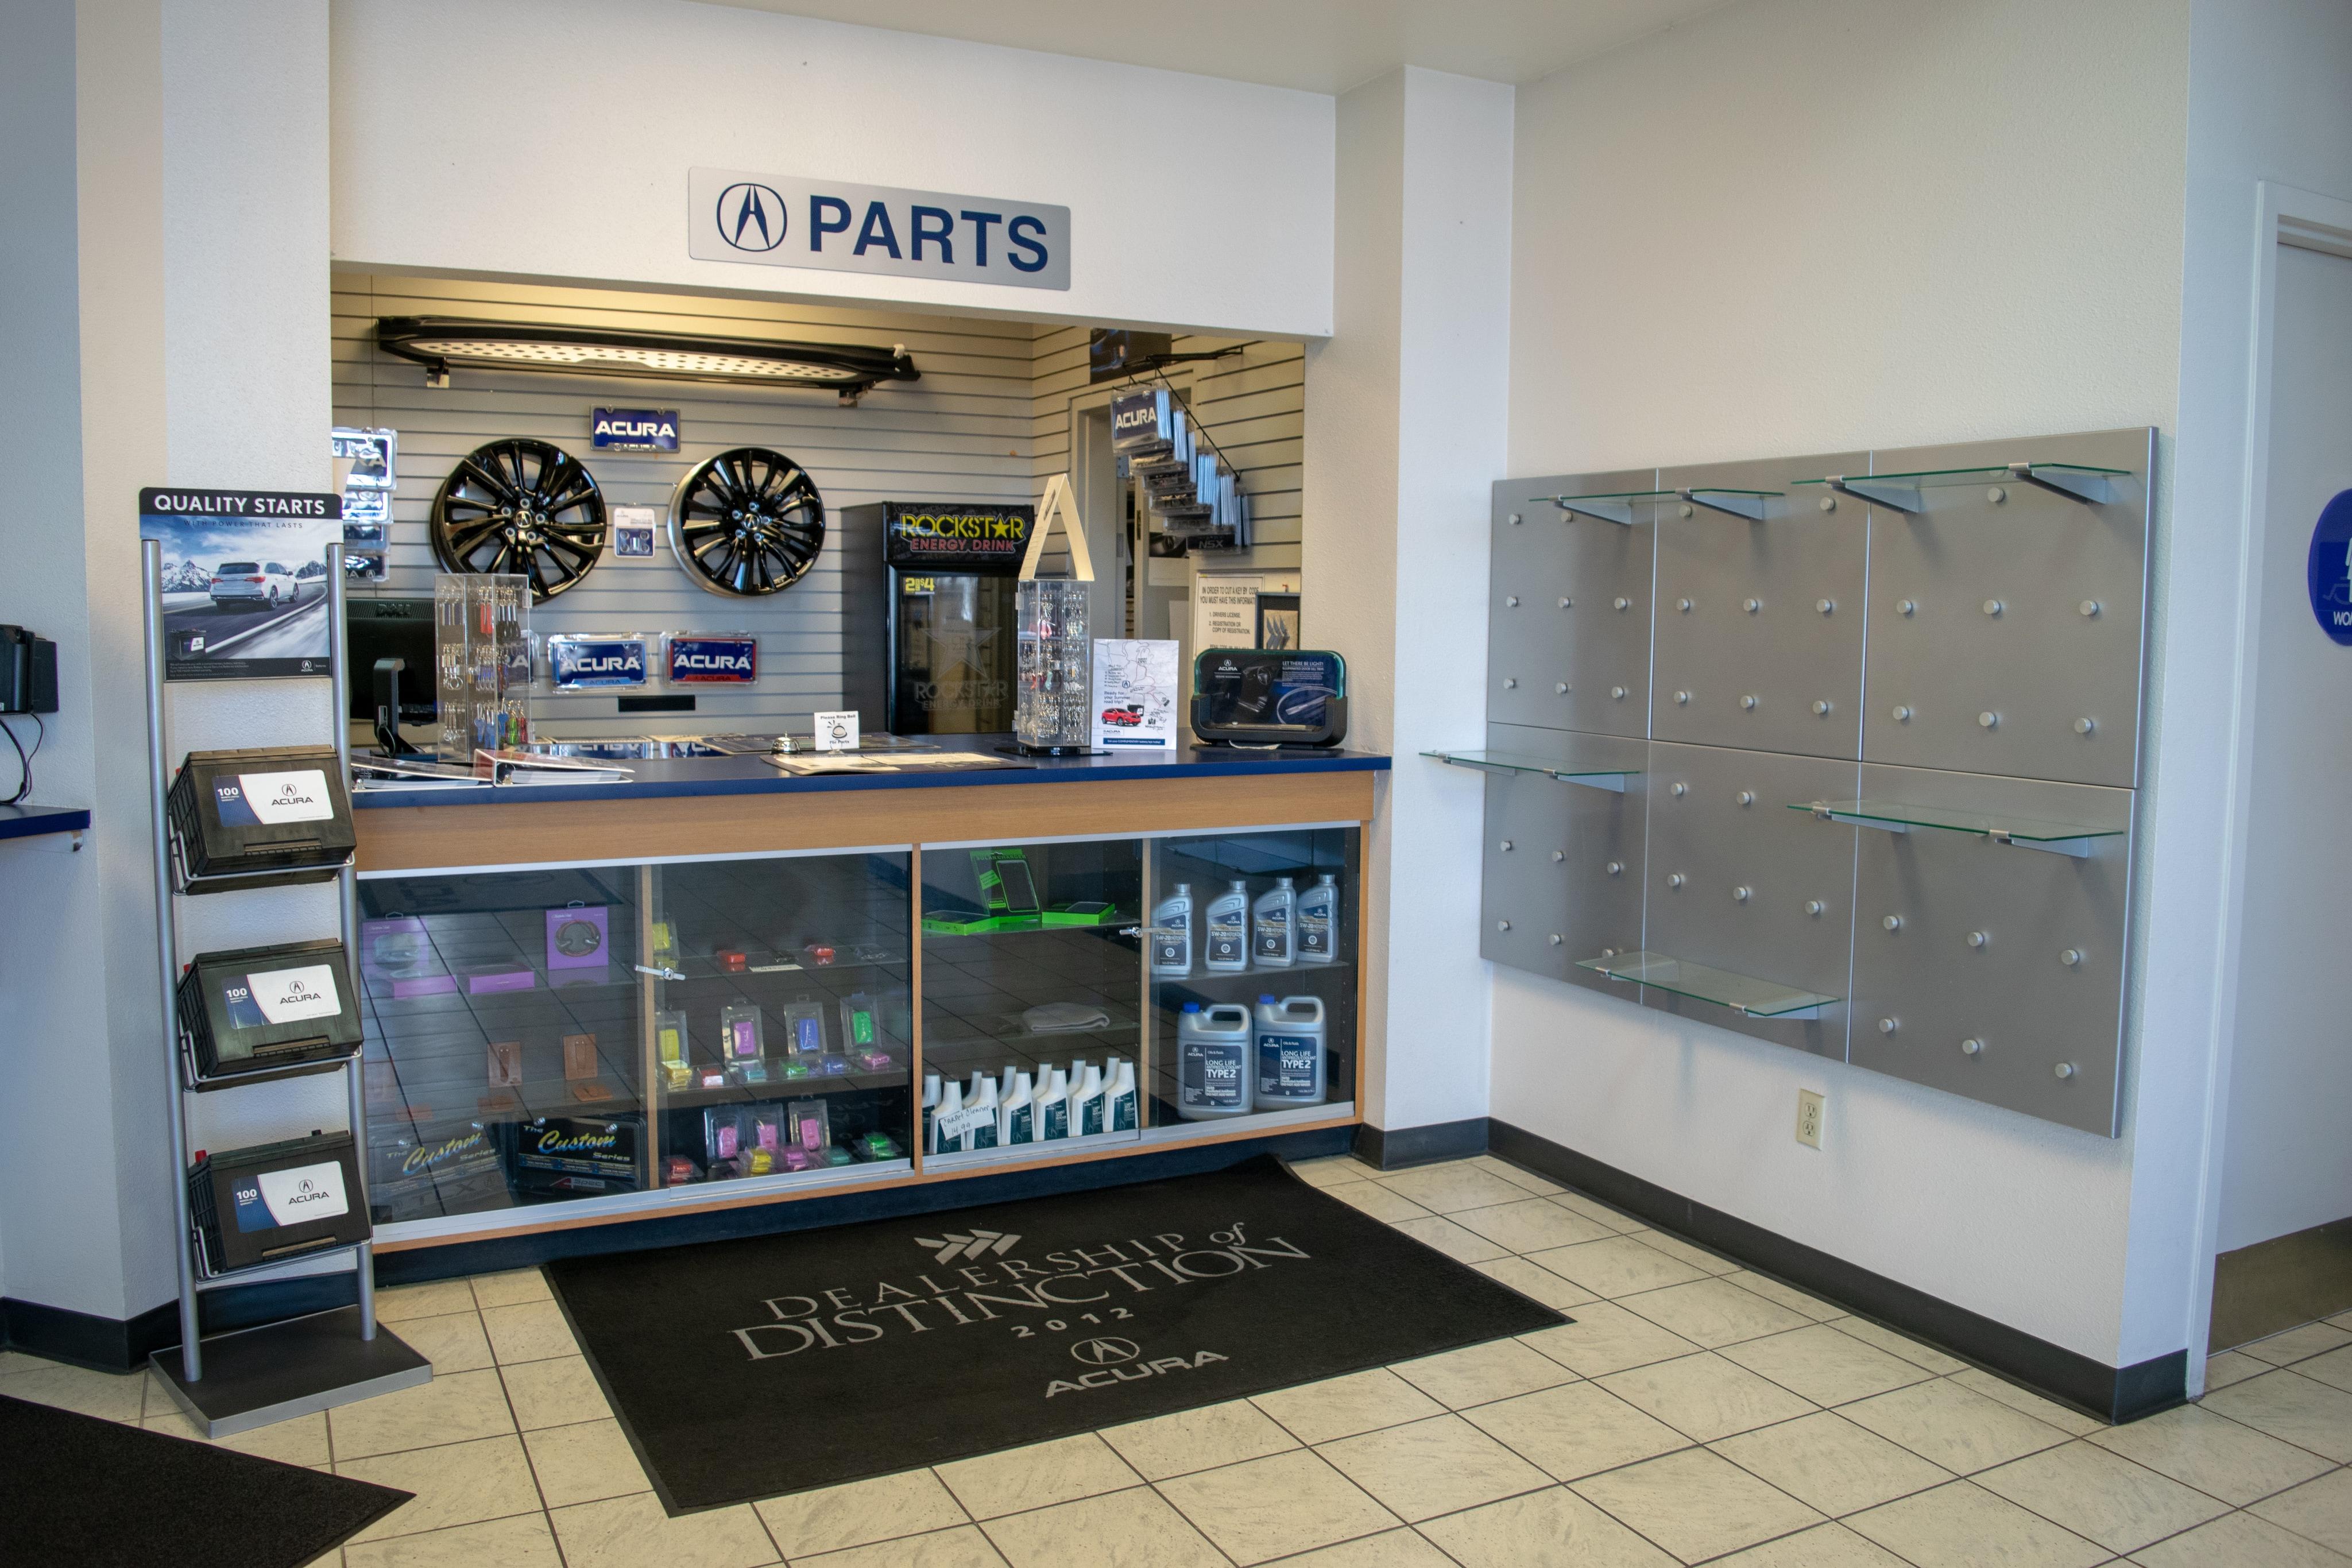 Stockton Acura Car Parts Acura of Stockton Auto Parts